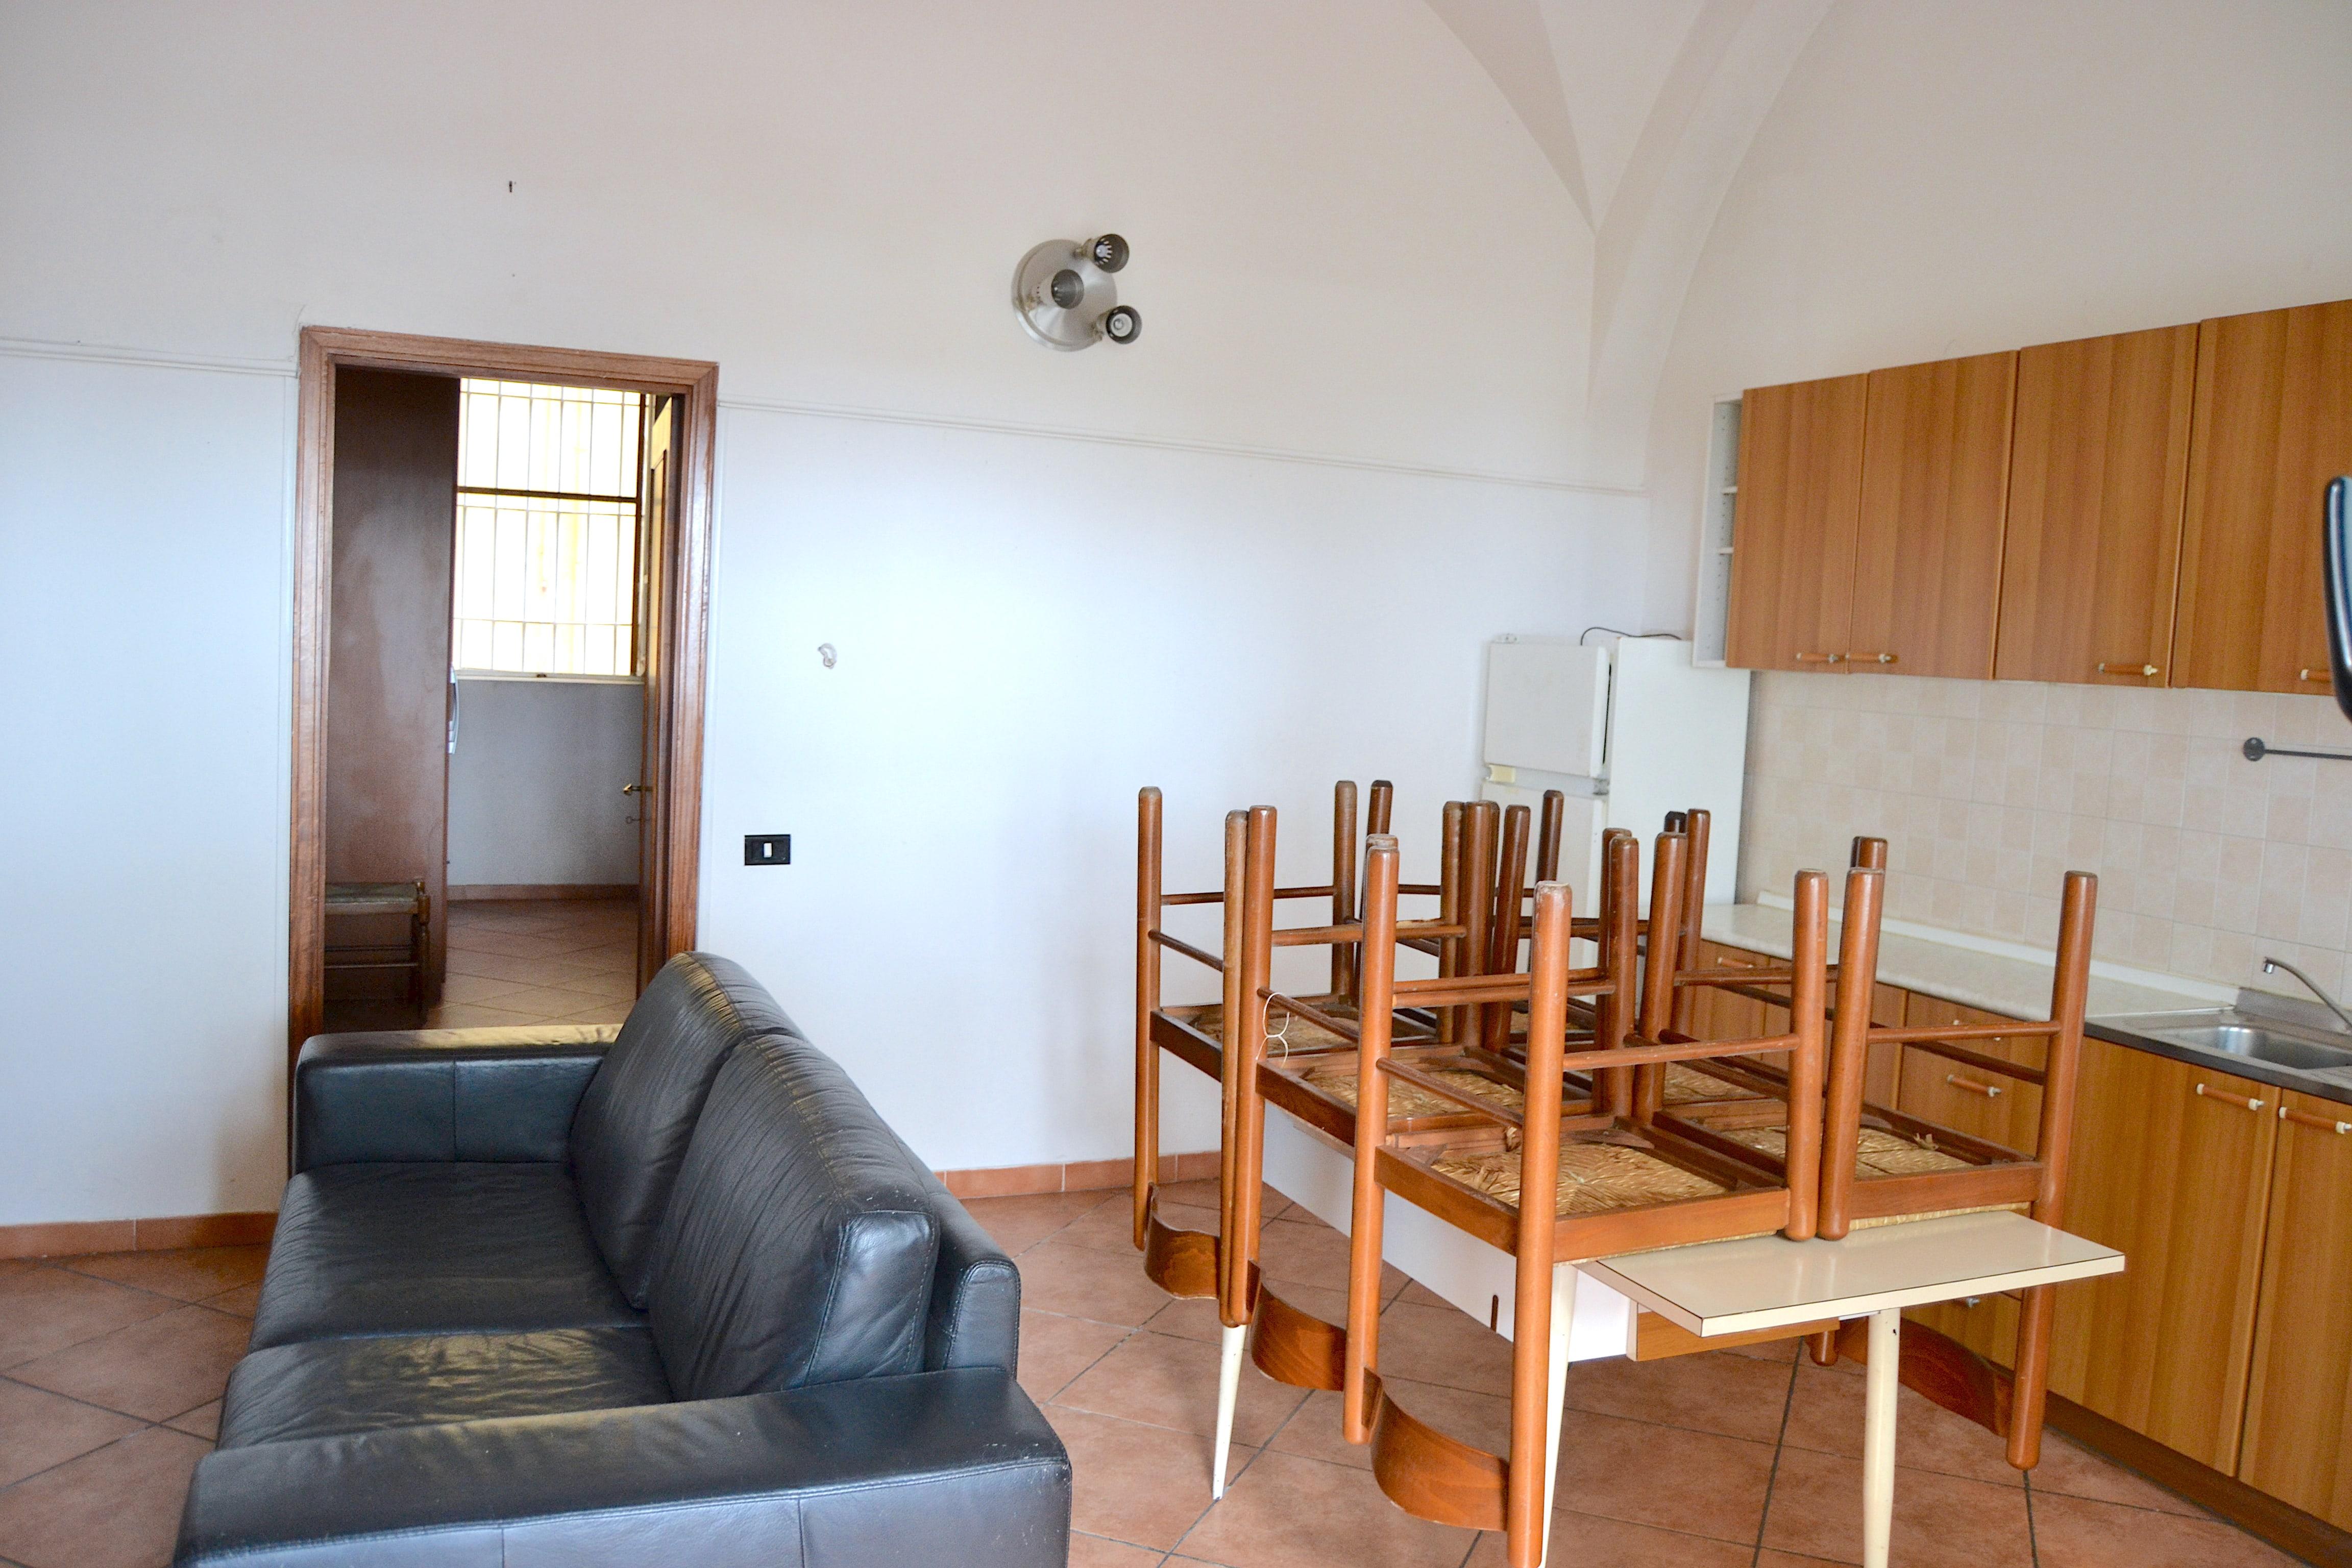 Gaeta Lungomare Giovanni Caboto. Appartamento con ingresso indipendente e terrazzino antistante in vendita a Gaeta.